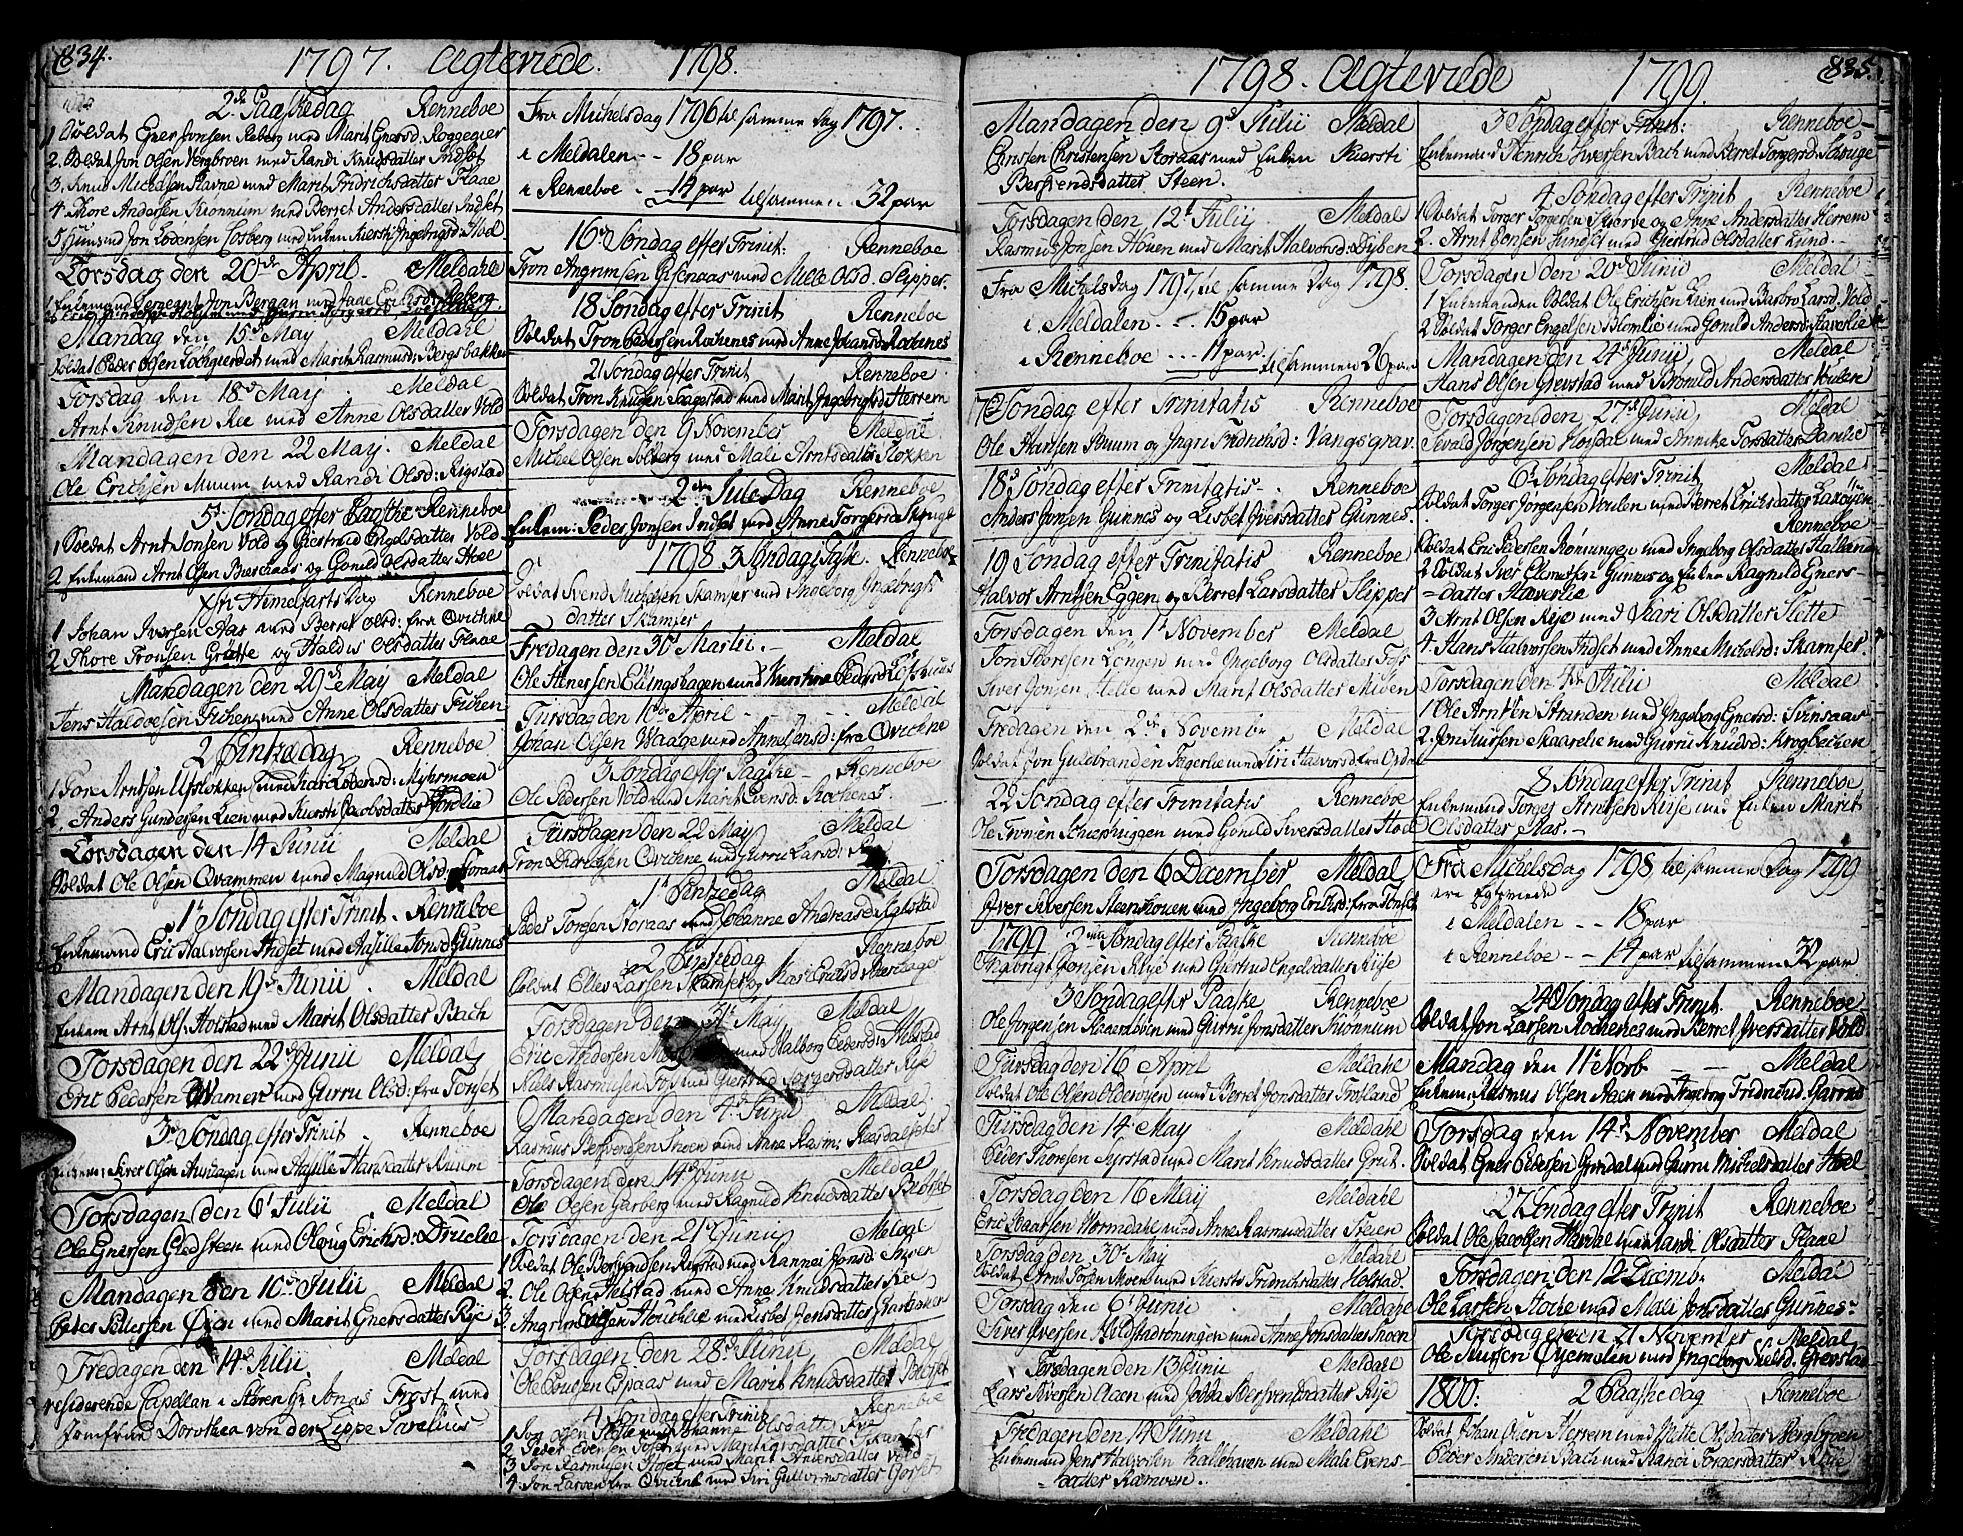 SAT, Ministerialprotokoller, klokkerbøker og fødselsregistre - Sør-Trøndelag, 672/L0852: Ministerialbok nr. 672A05, 1776-1815, s. 834-835